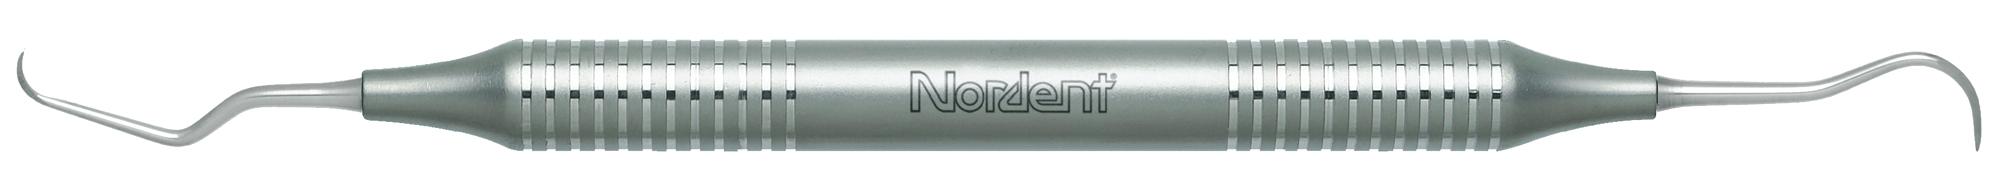 Anterior Scalette N137ML (Mini Blade - Long Reach)